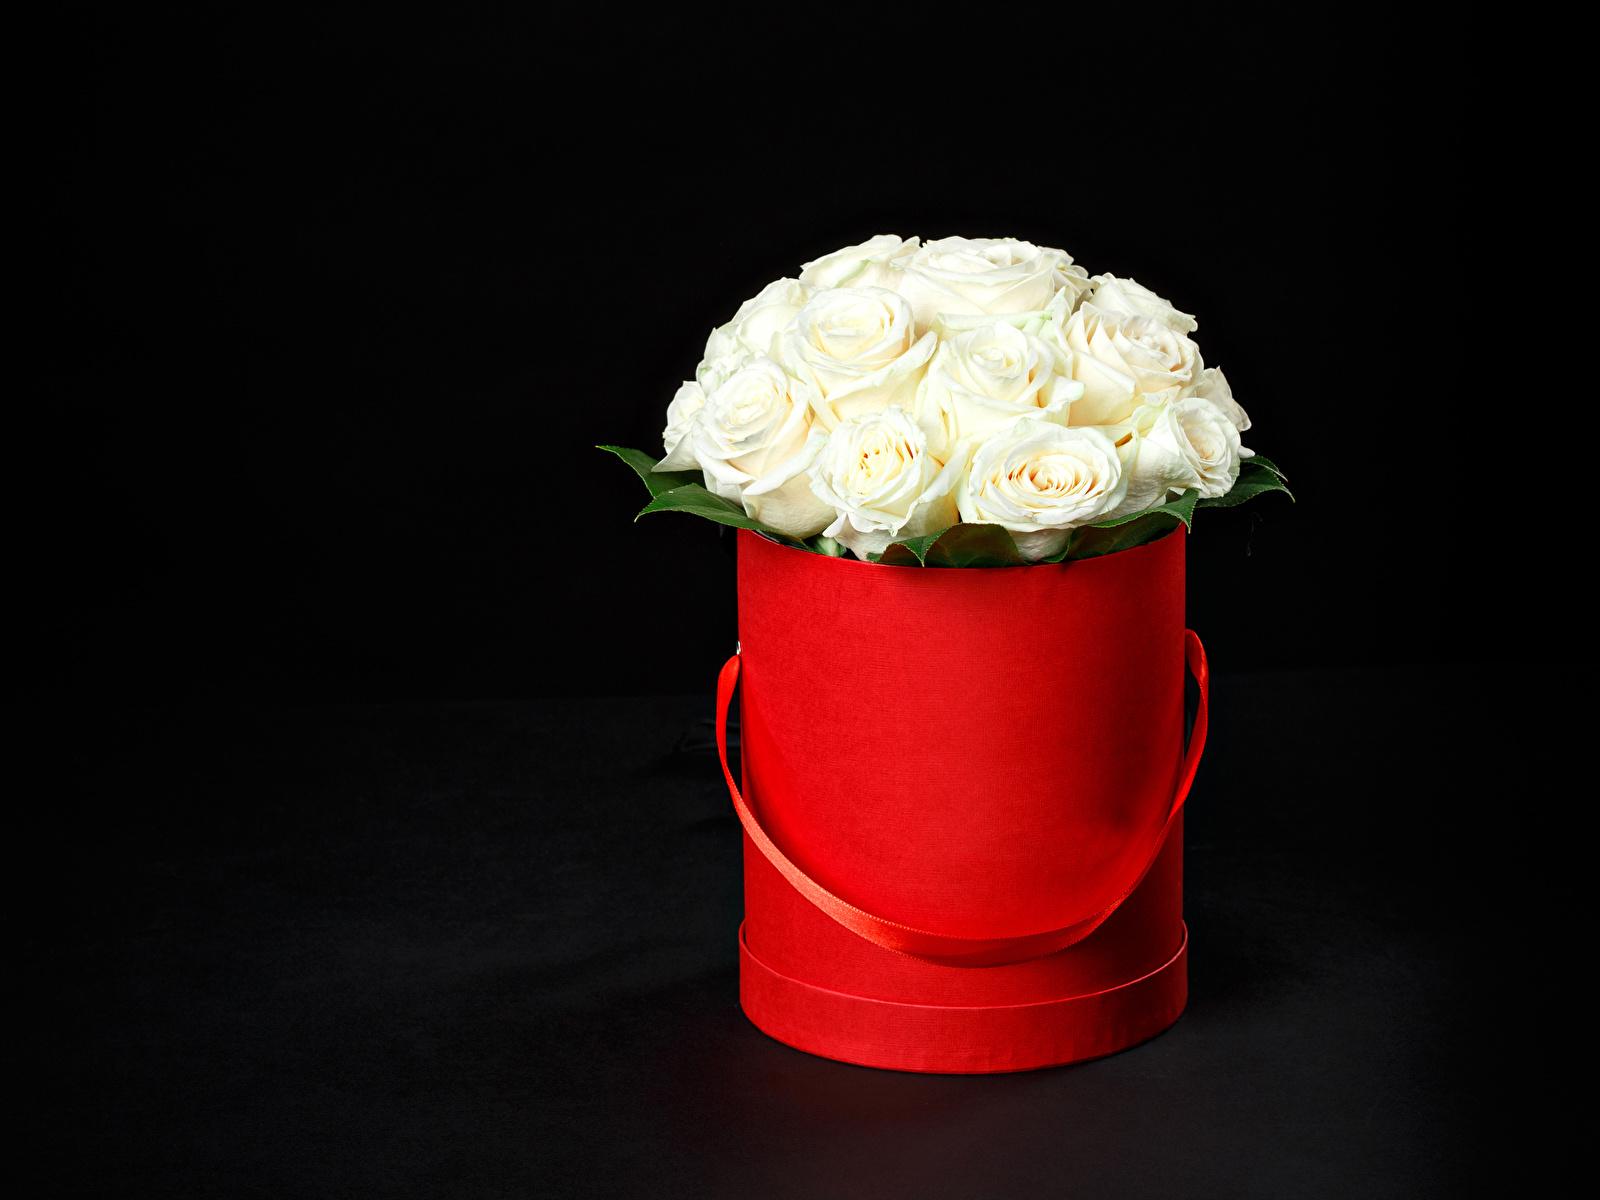 Обои для рабочего стола букет Розы Белый цветок на черном фоне 1600x1200 Букеты роза белых белая белые Цветы Черный фон